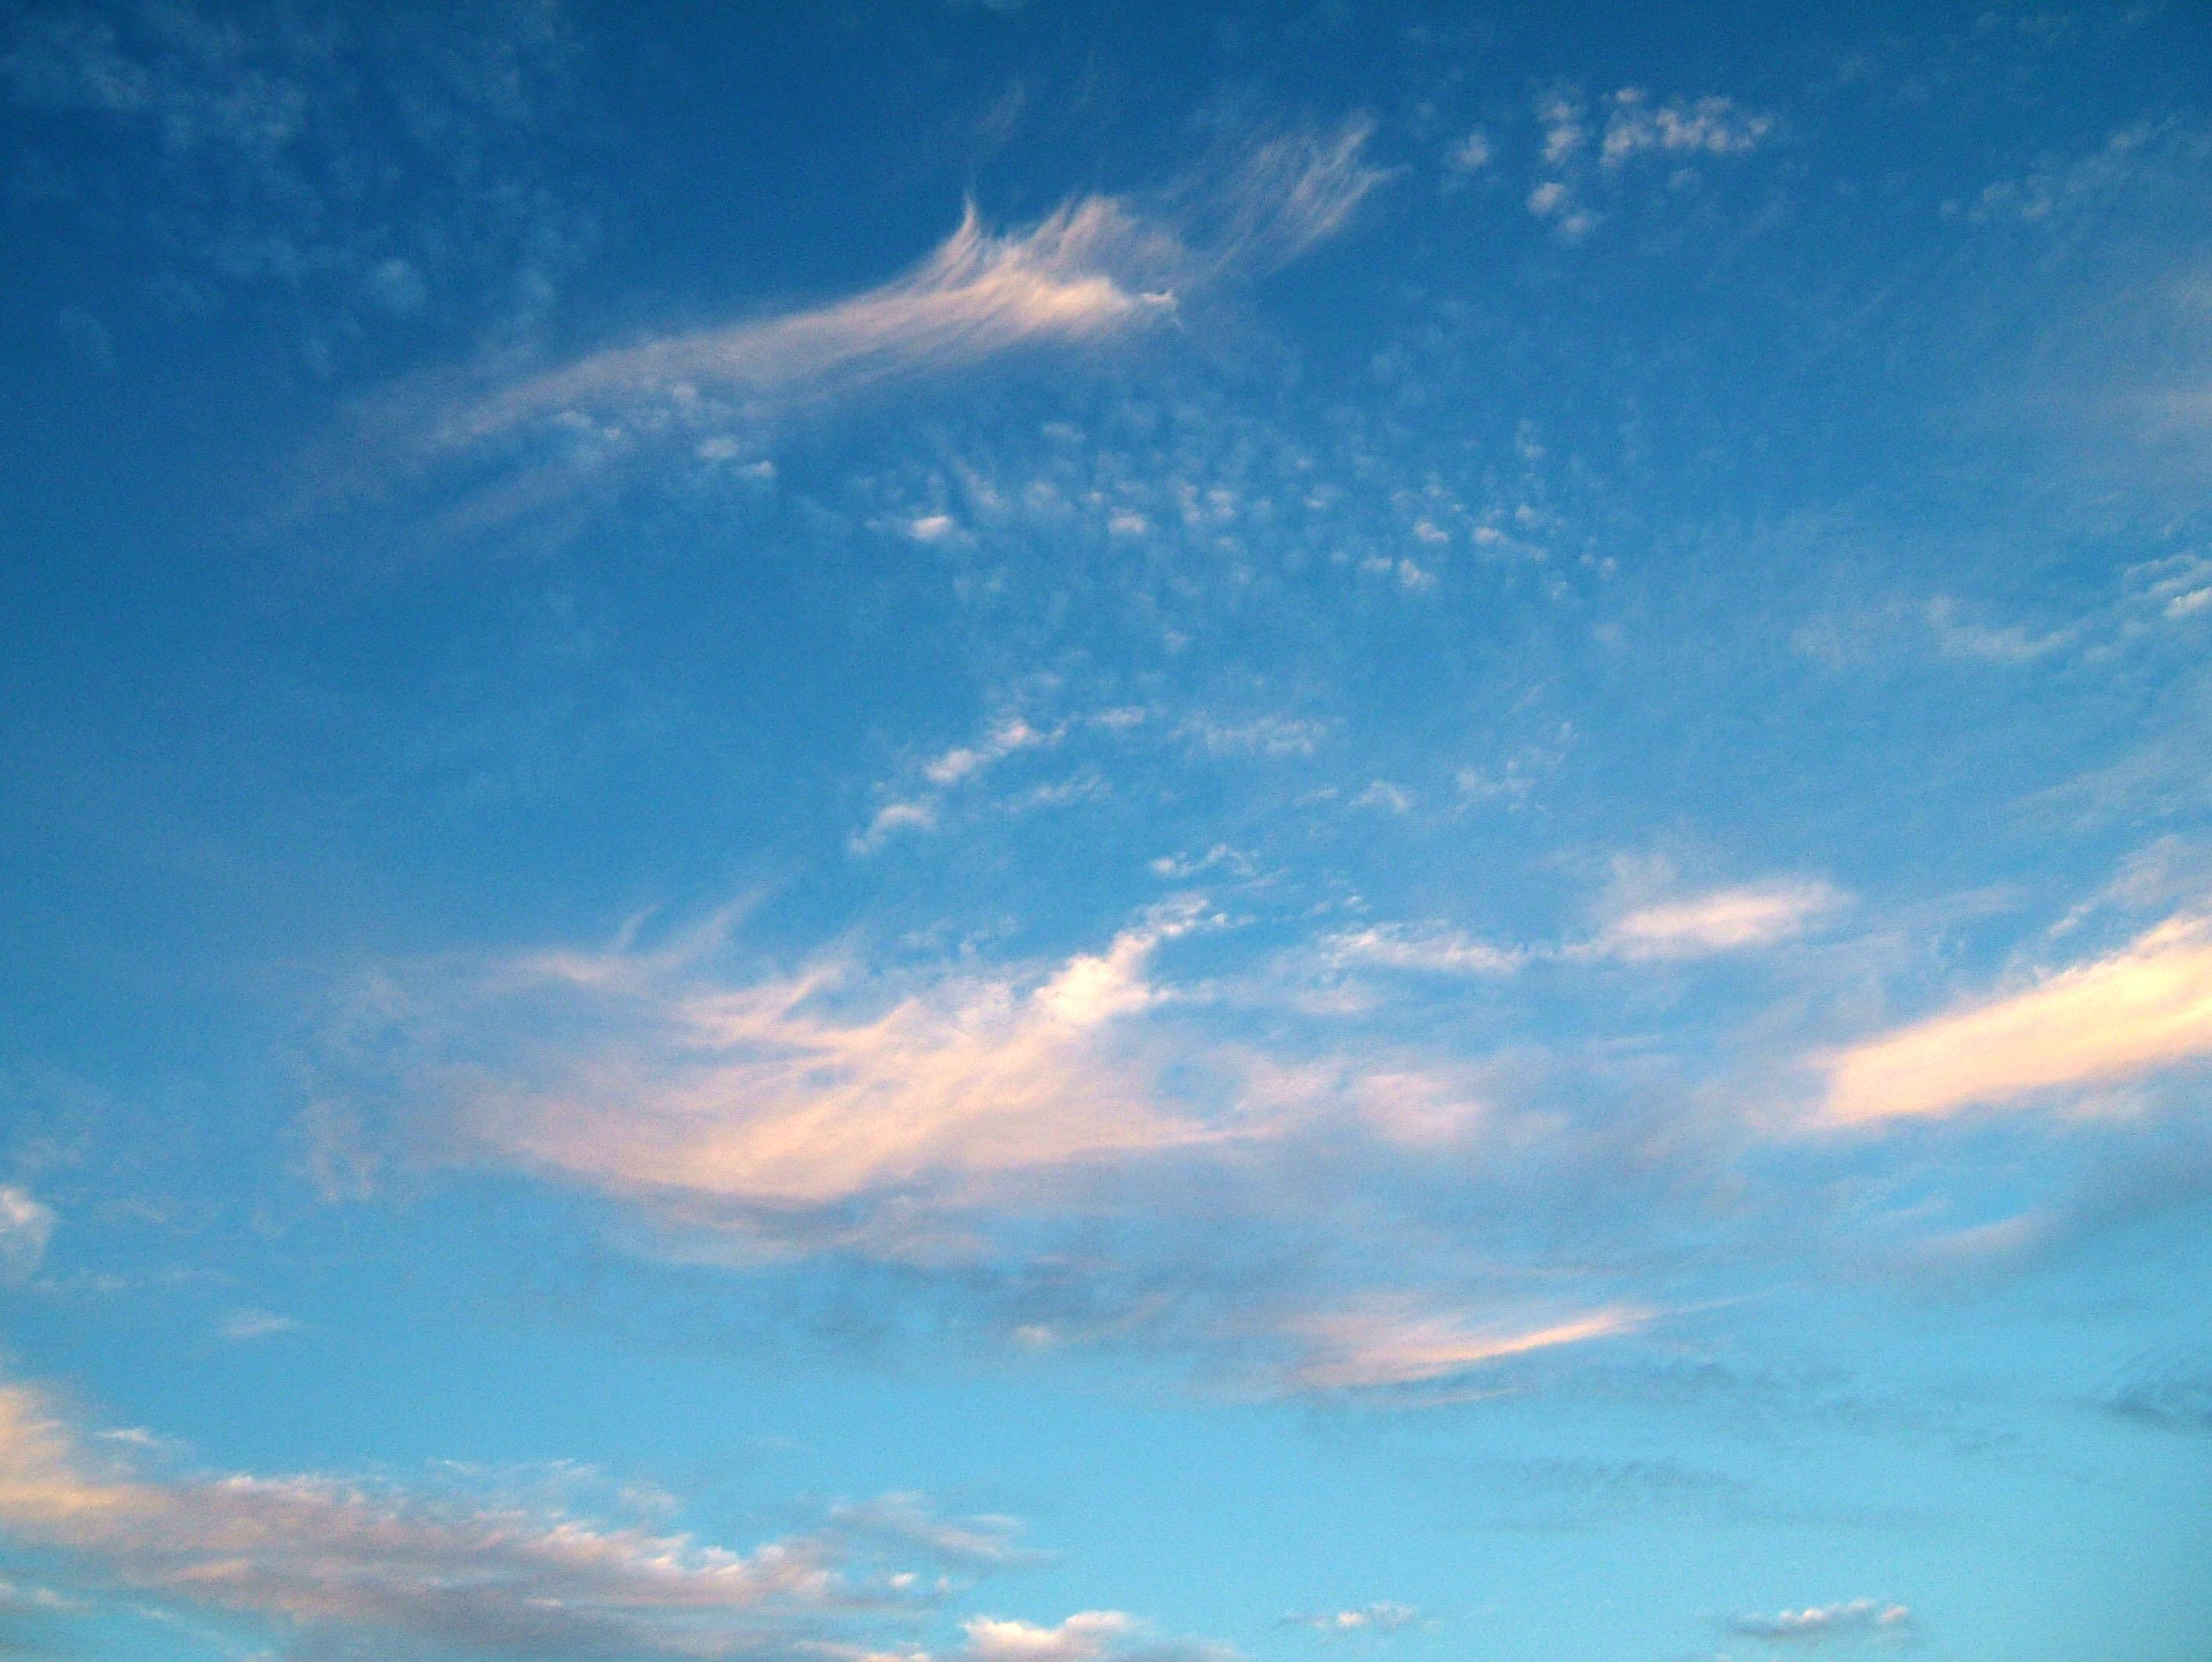 Marcus Vissions Cirrus clouds Feb 2002 11